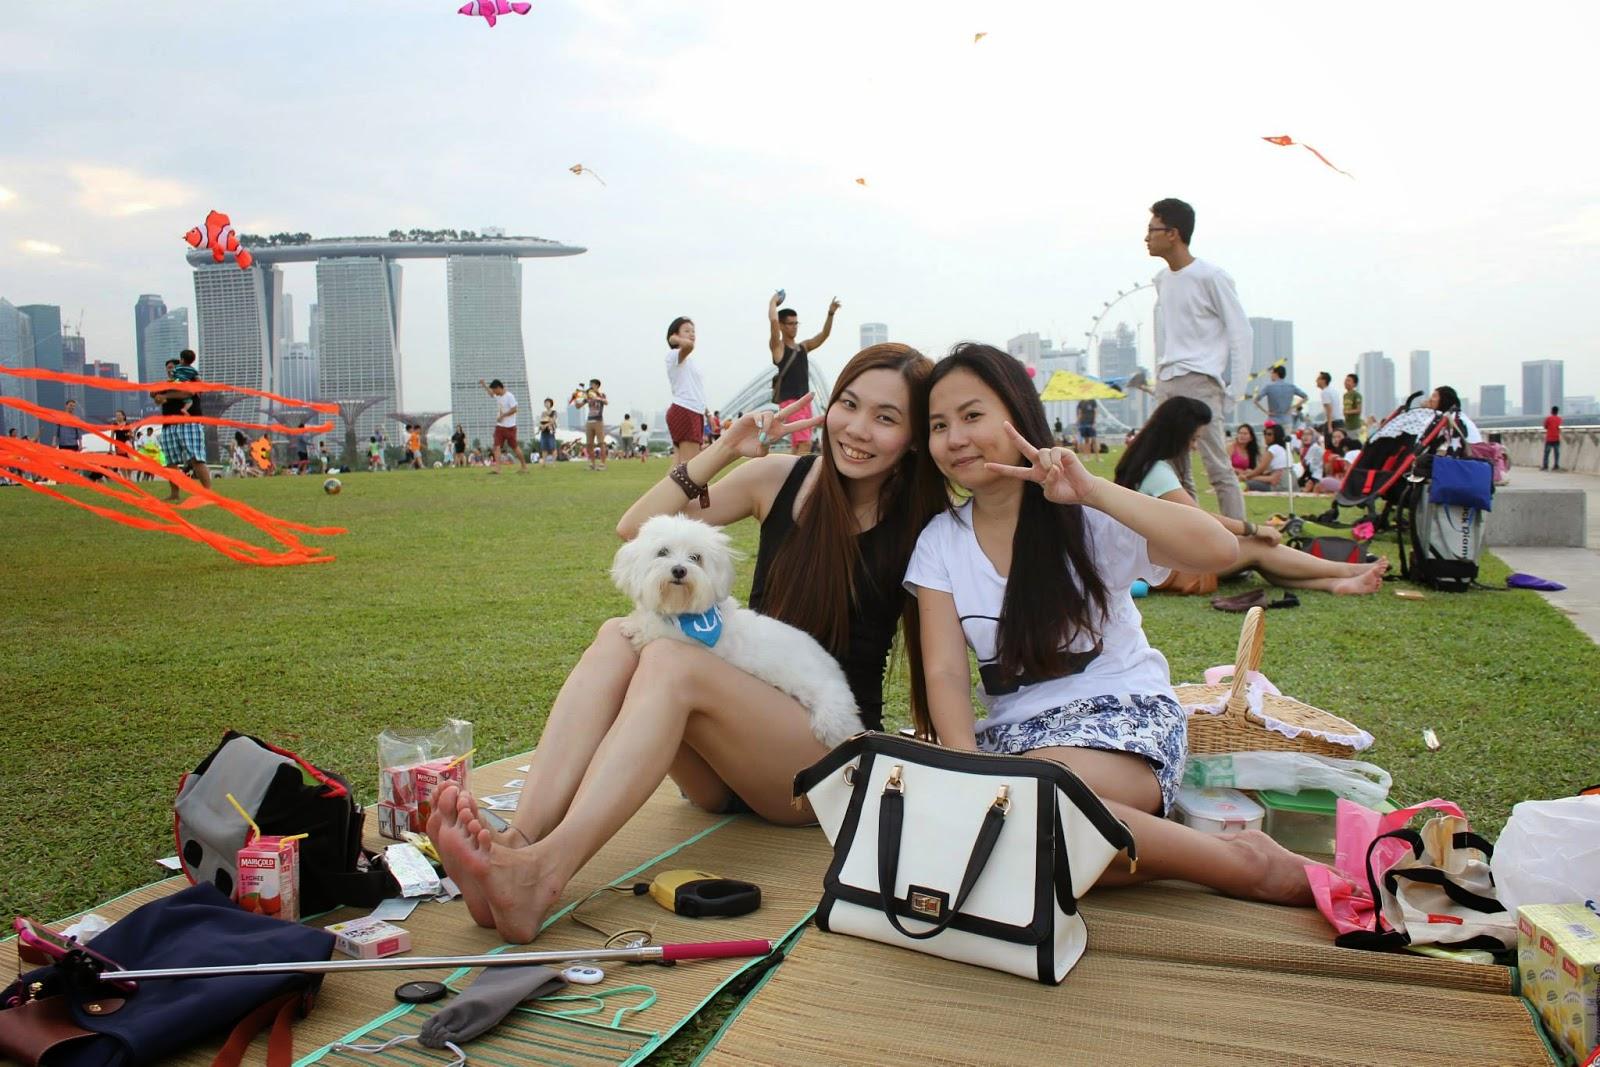 Yuriko's Illusive Dreamss ♥: Picnic + Kiteflying at Marina ...